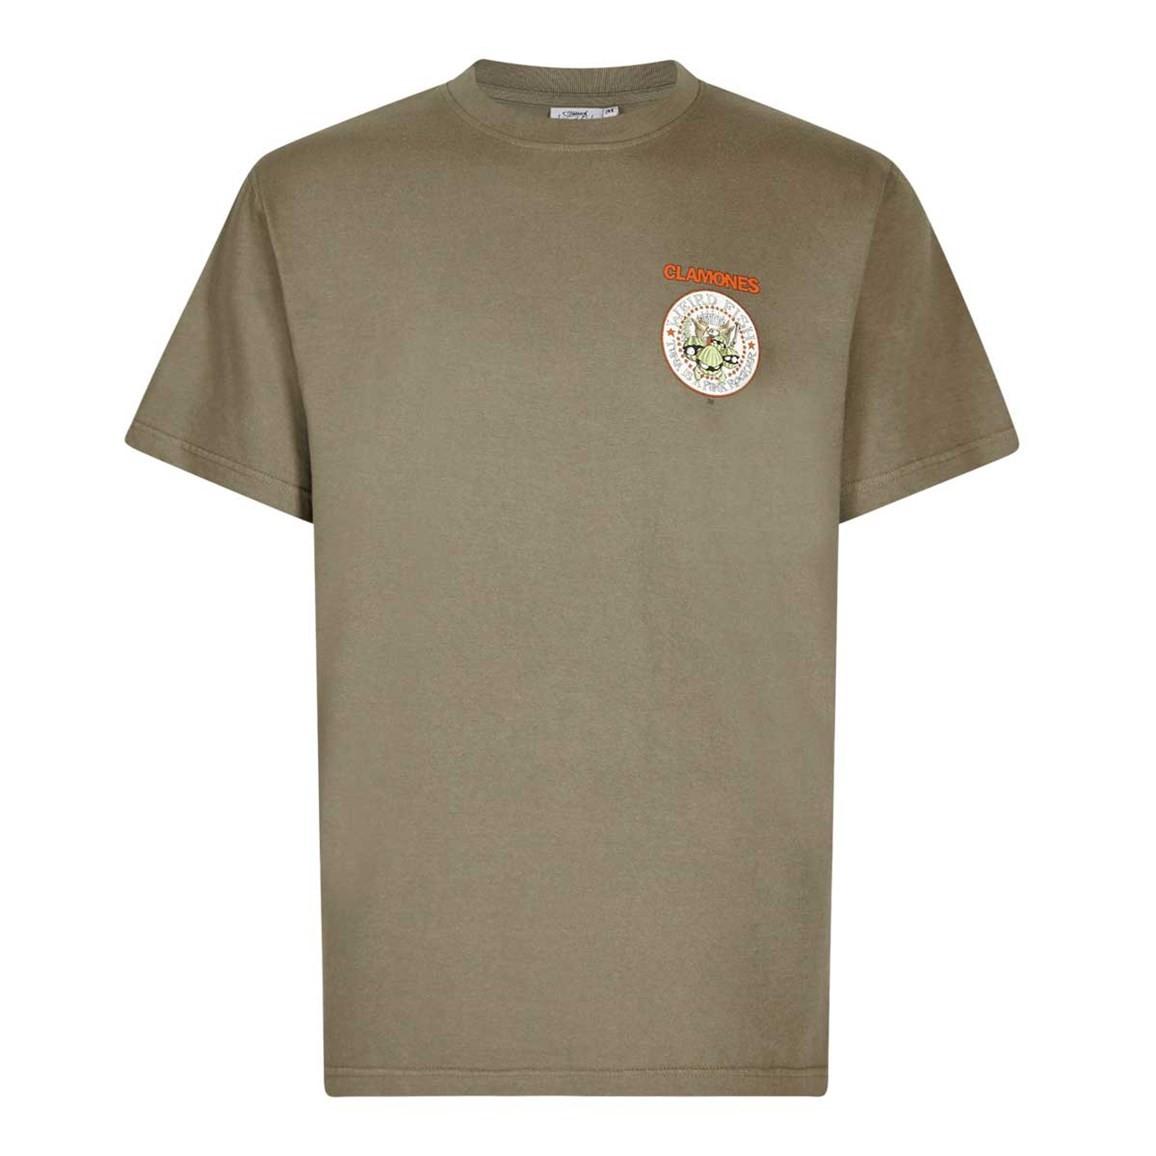 Weird fish clamones artist t shirt ebay for Weird fish t shirts